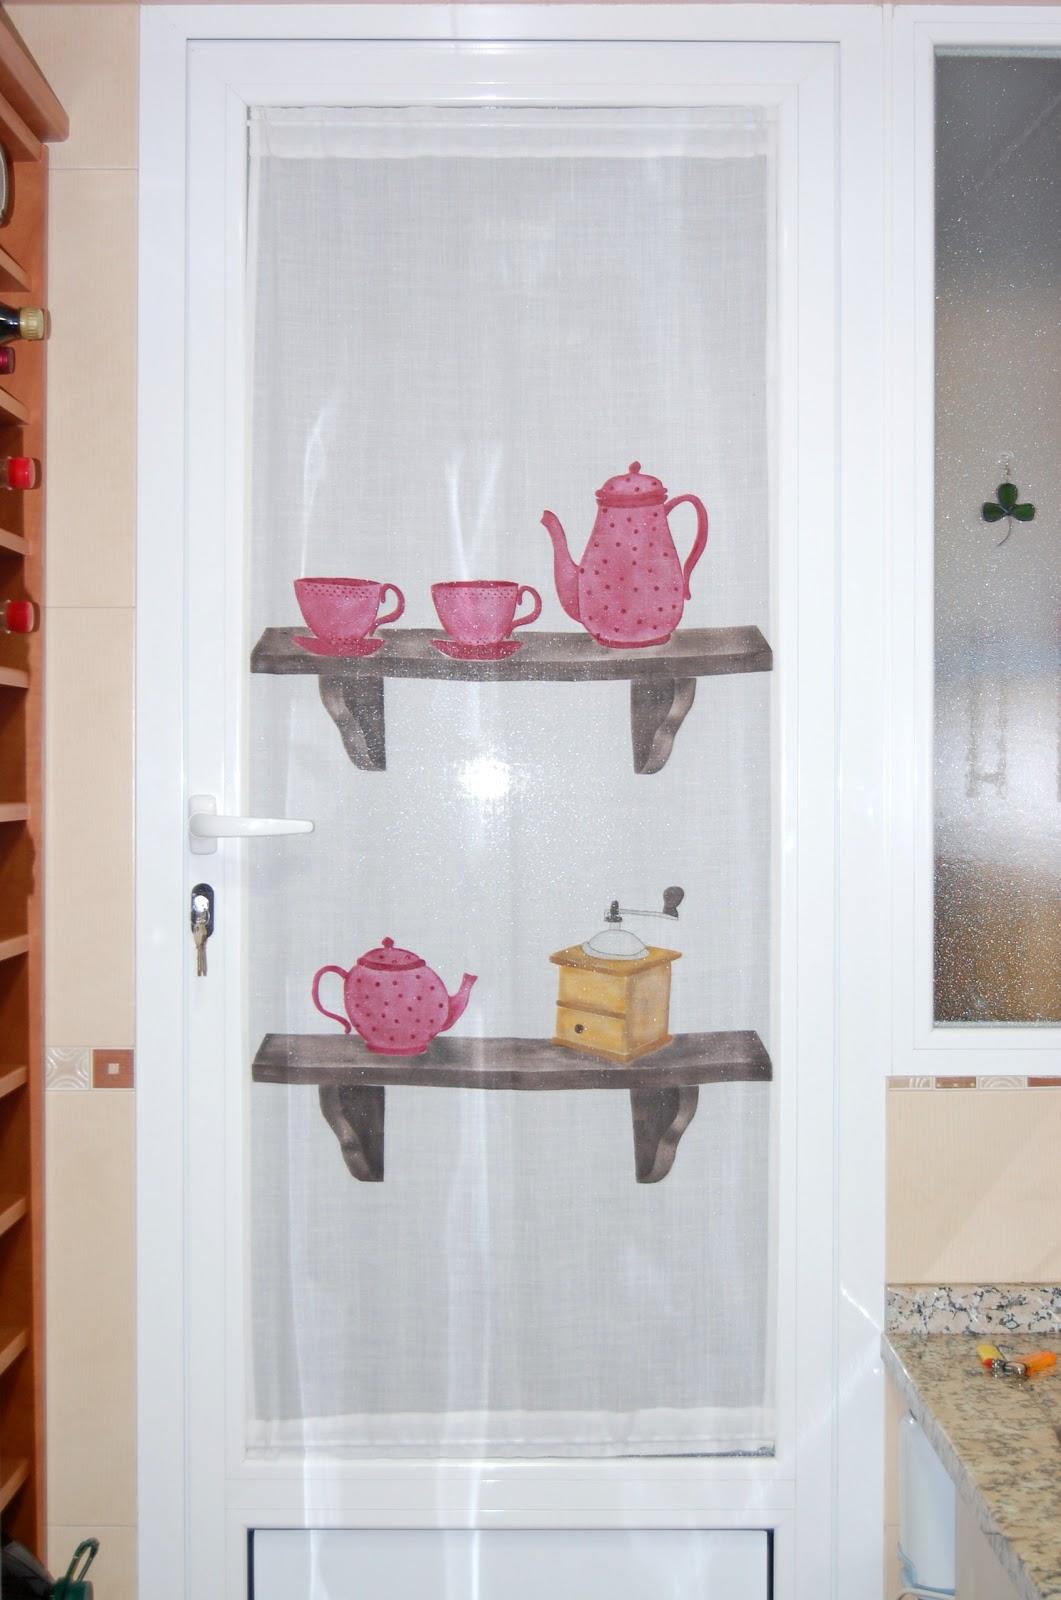 Pepa casado dise o de cortinas catalogo de cortinas for Catalogo de cortinas para cocina